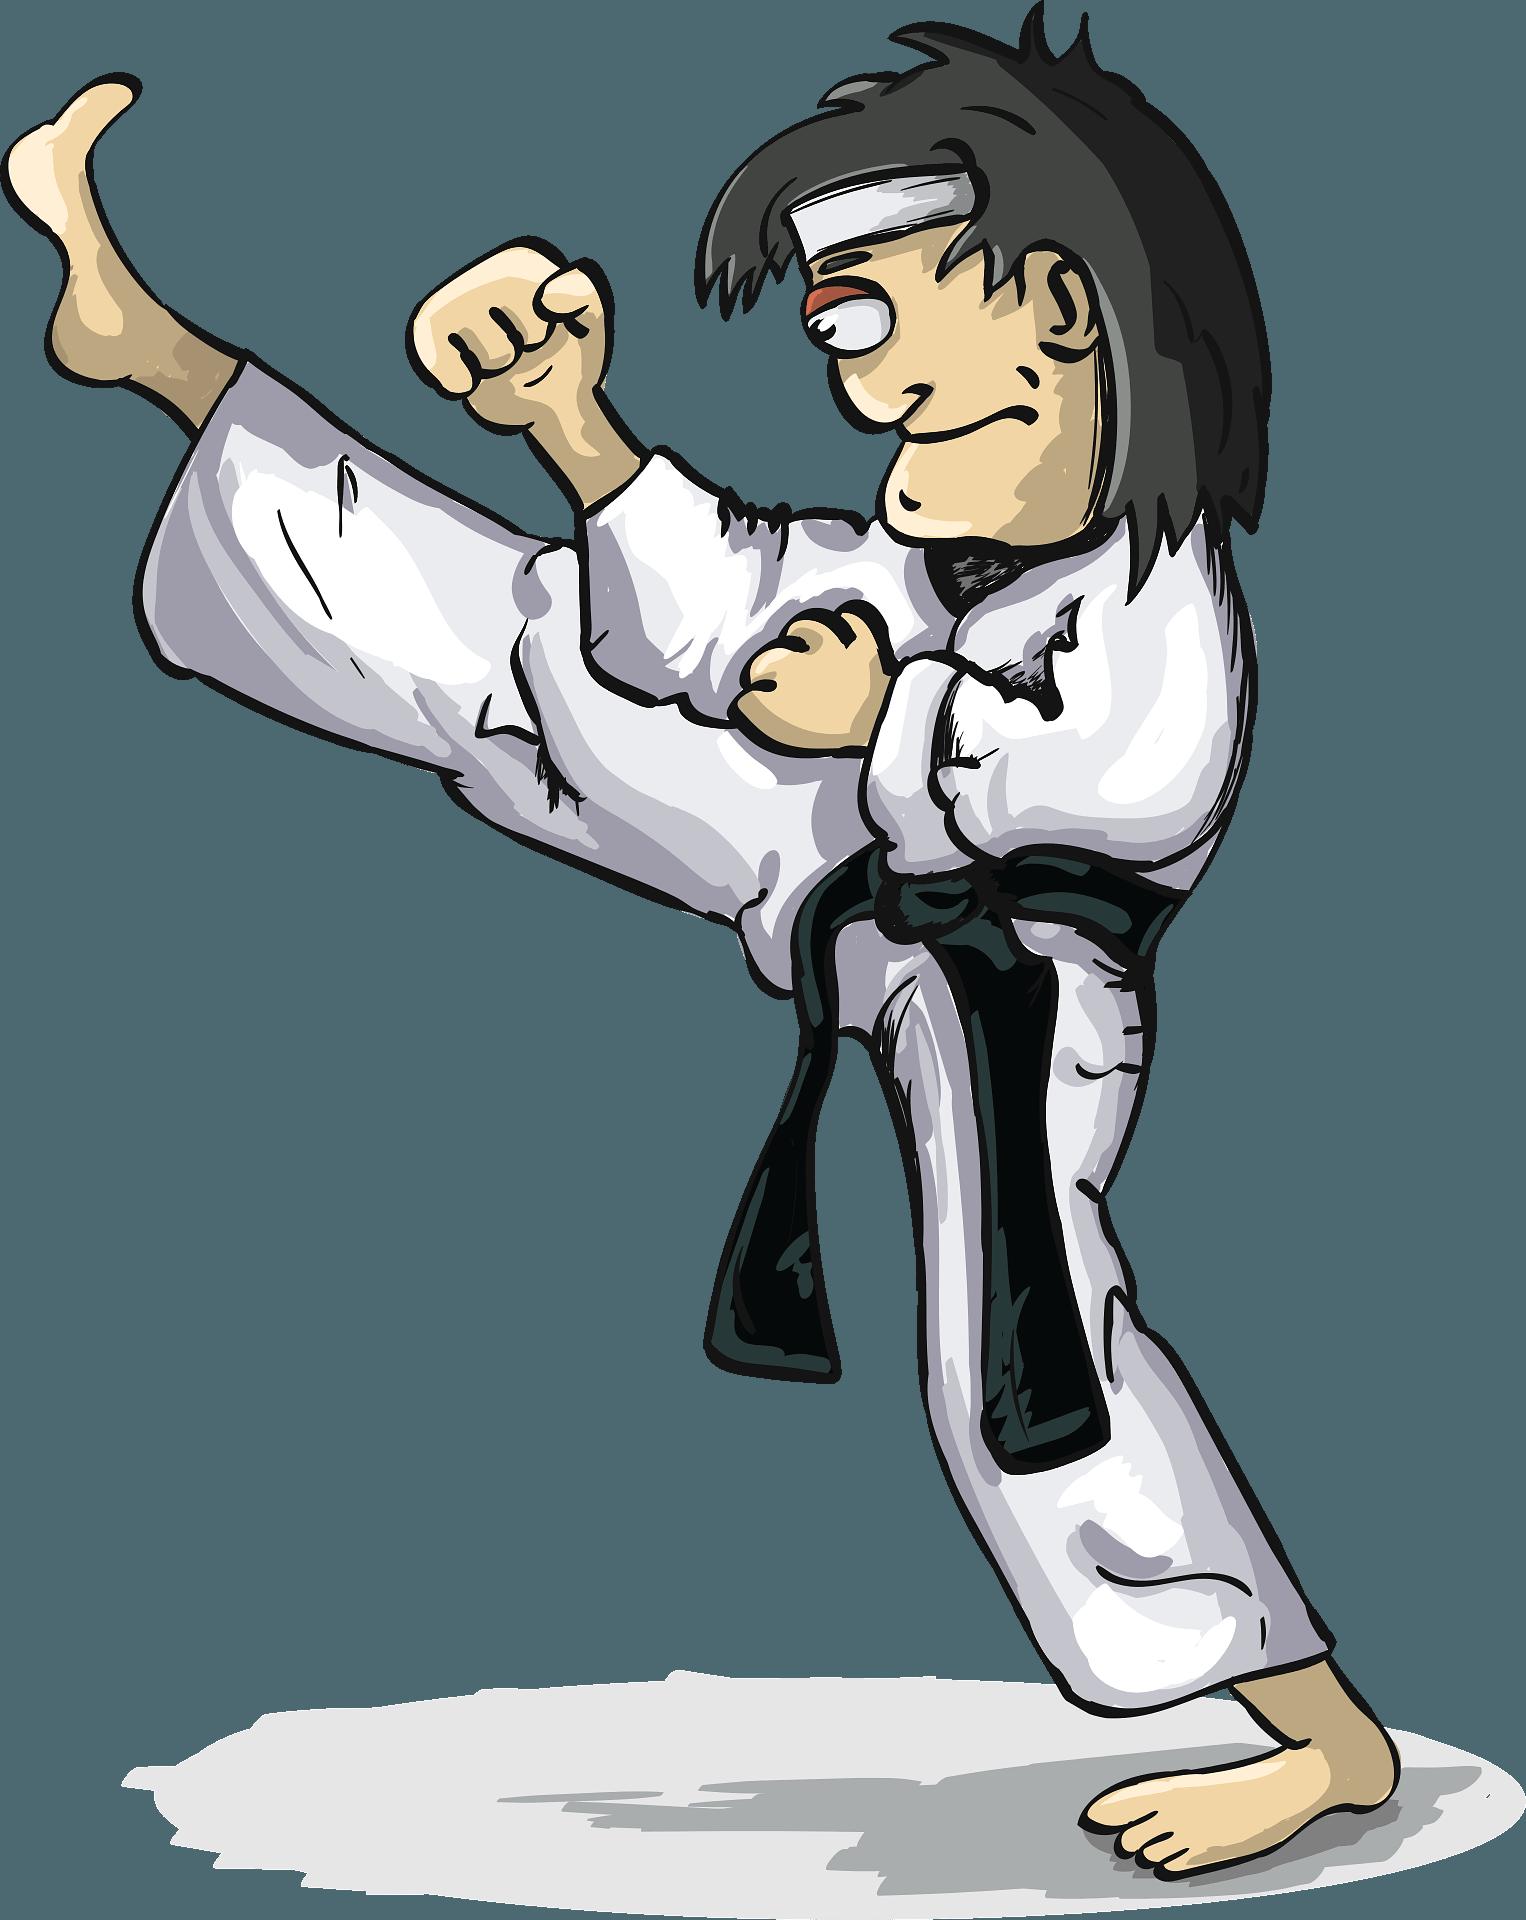 Martial Arts Clipart Free Download Transparent Png Creazilla